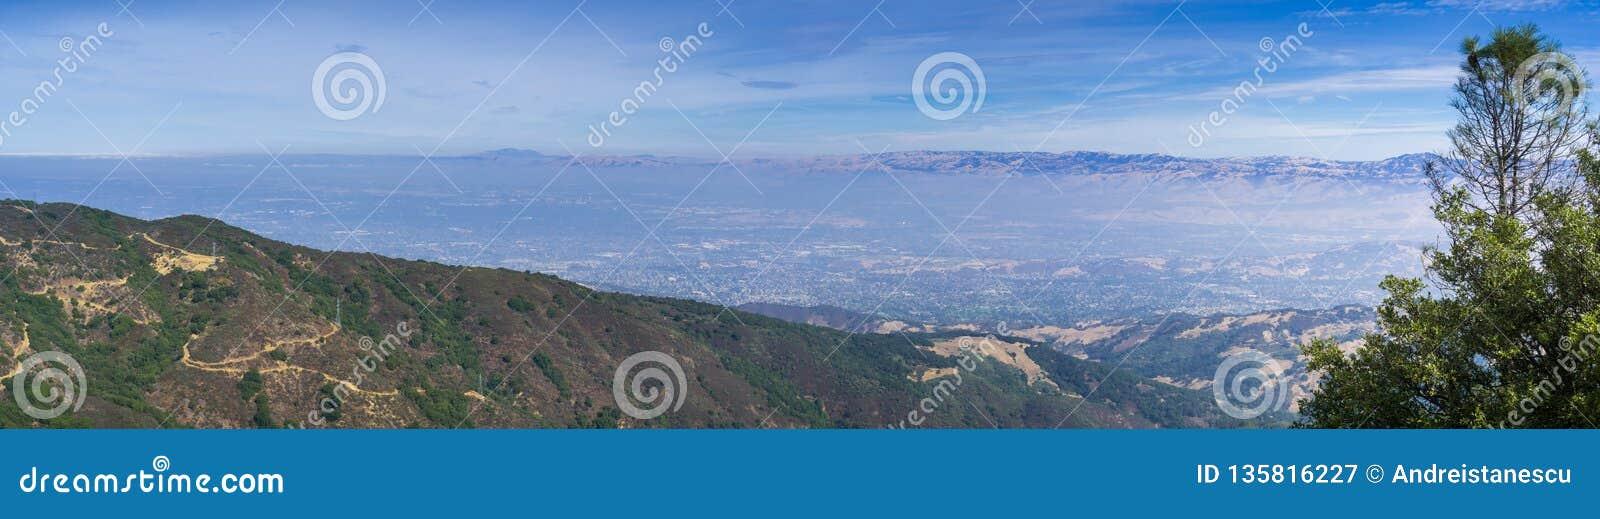 Panoramautsikt in mot San Jose och södra San Francisco Bay uppifrån av Mt Umunhum, Santa Cruz berg; Diablo Range kan vara